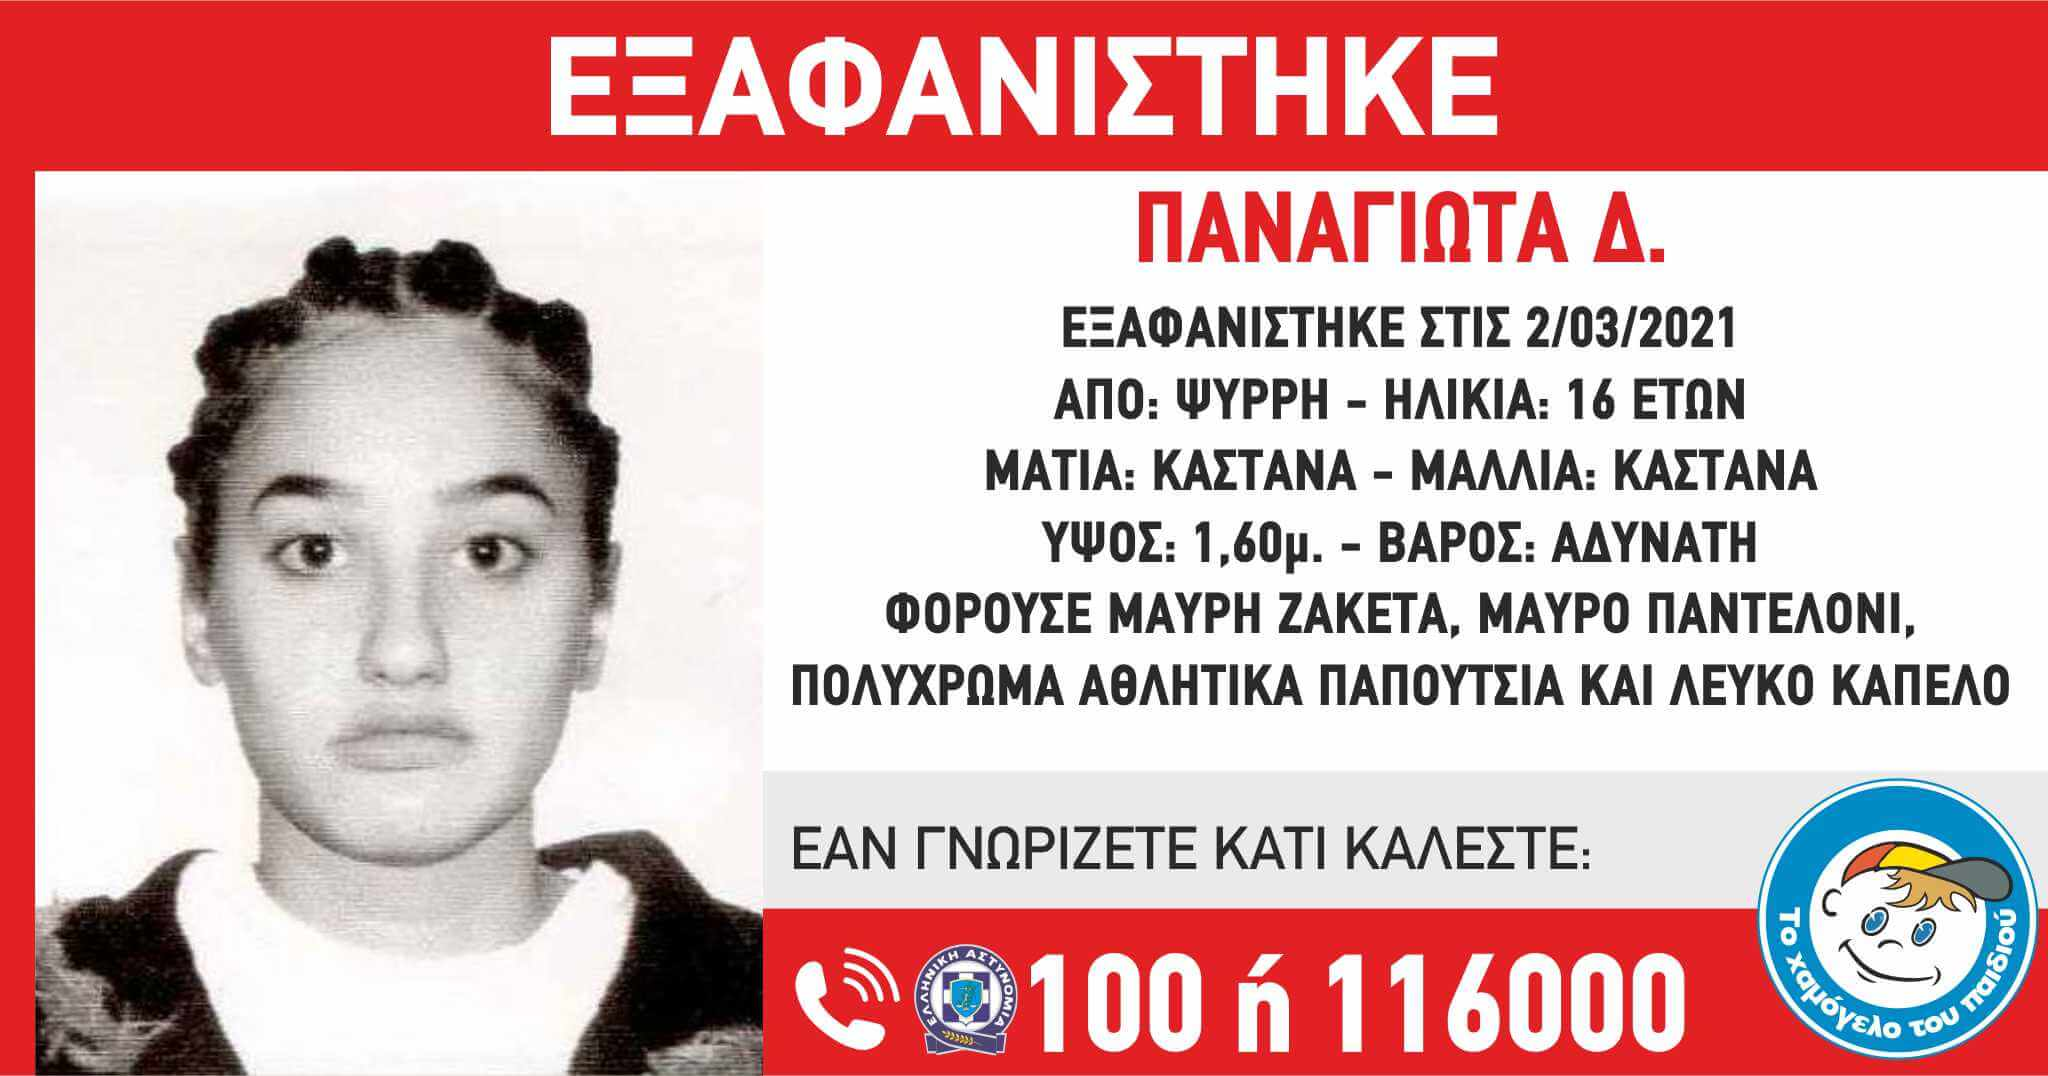 Εξαφάνιση ανήλικης στο κέντρο της Αθήνας